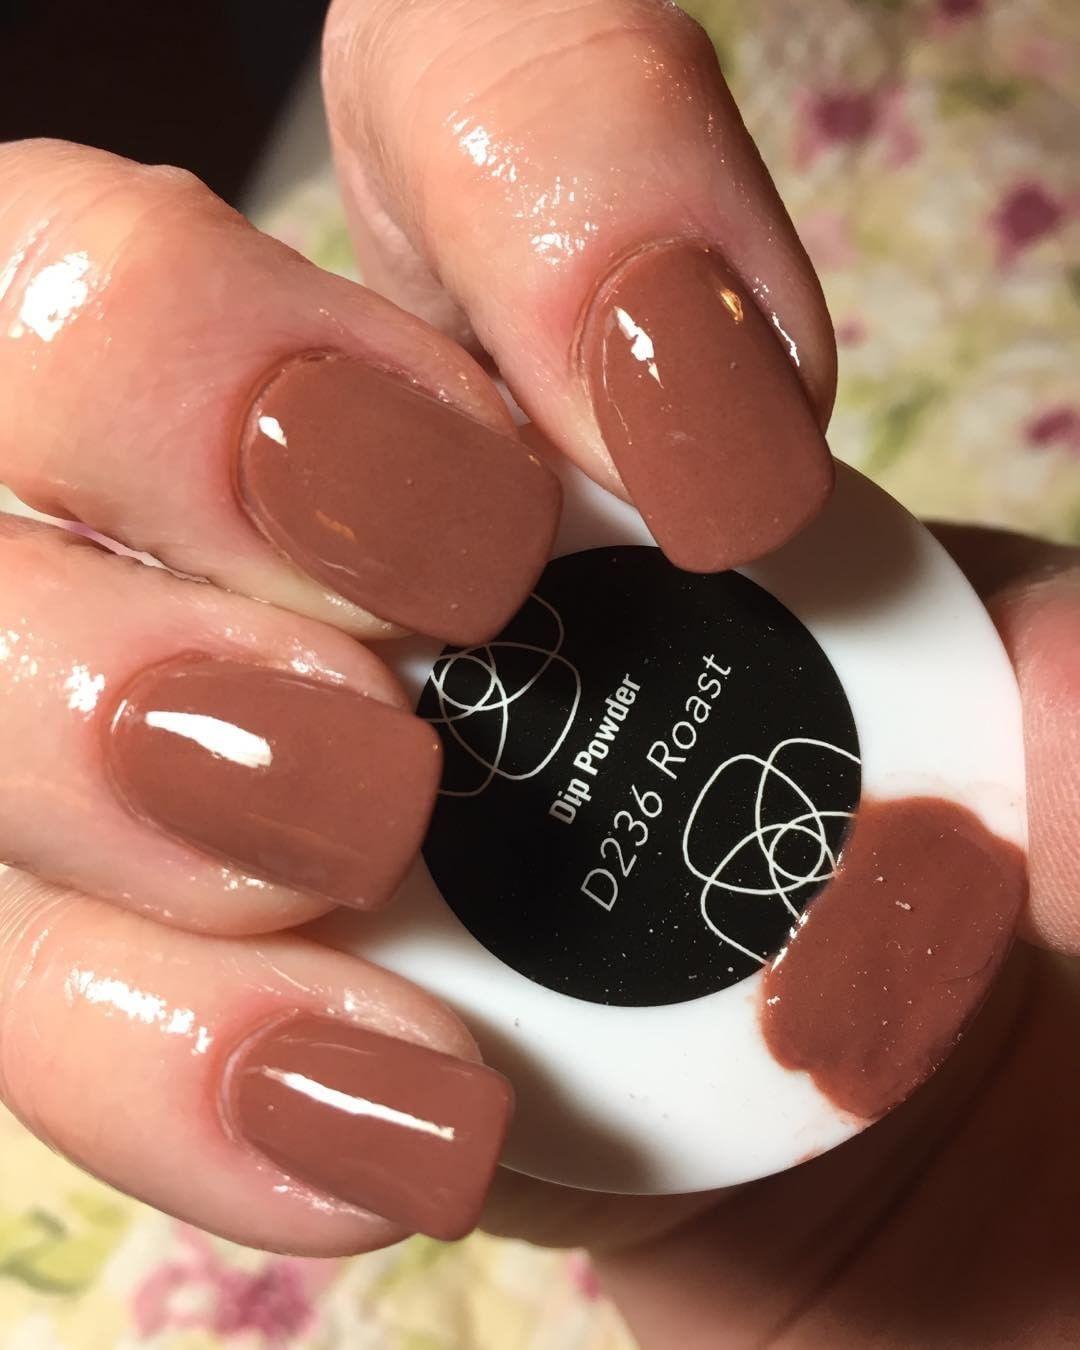 D236 Roast Revel Nail Dip Dip Powder Nails Nails